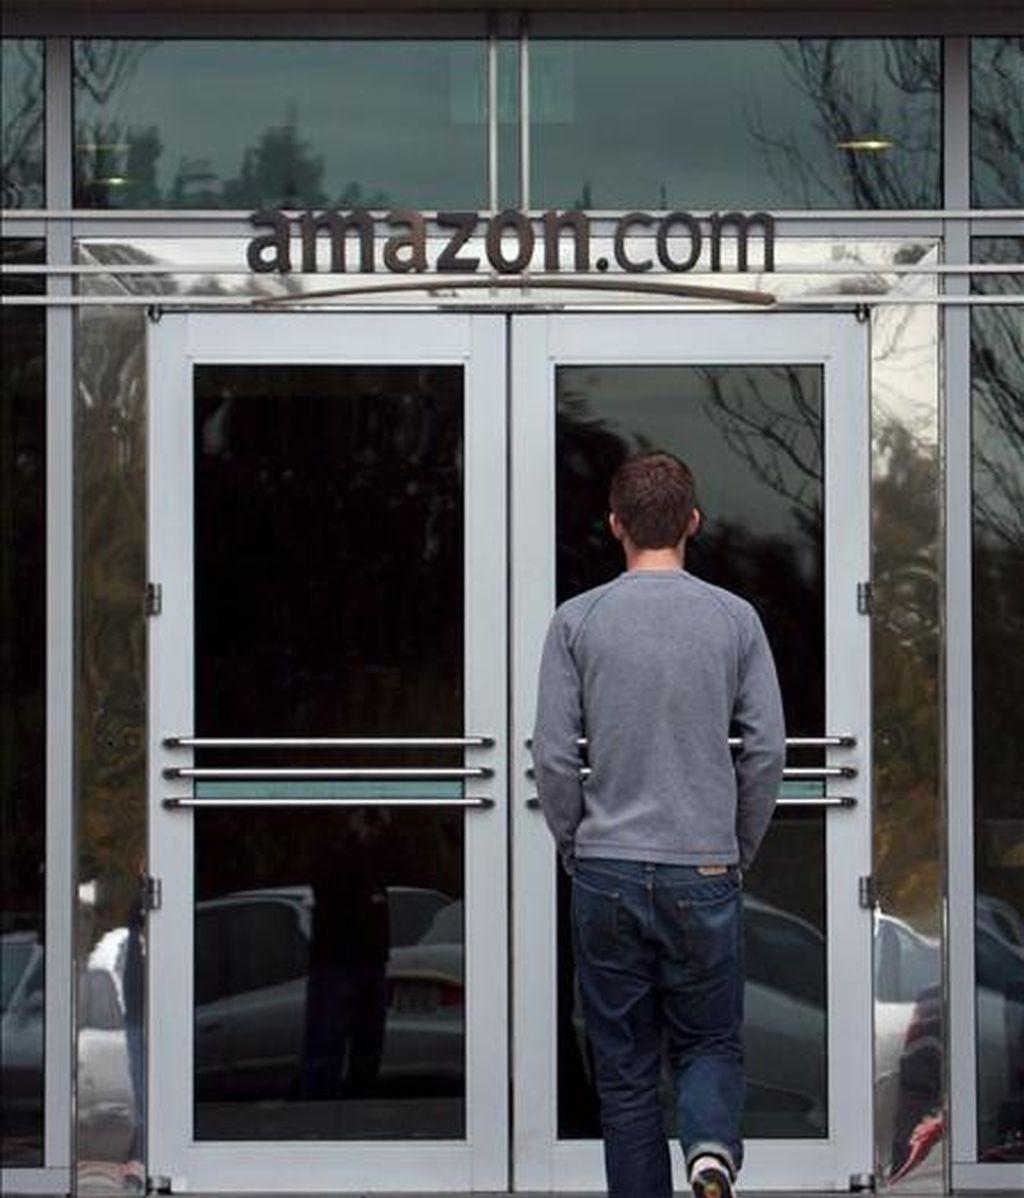 Para el próximo trimestre, Amazon.com prevé ingresar entre 4.300 y 4.750 millones de dólares, lo que supondría un incremento de entre el 6% y el 17% respecto a un año antes. EFE/Archivo